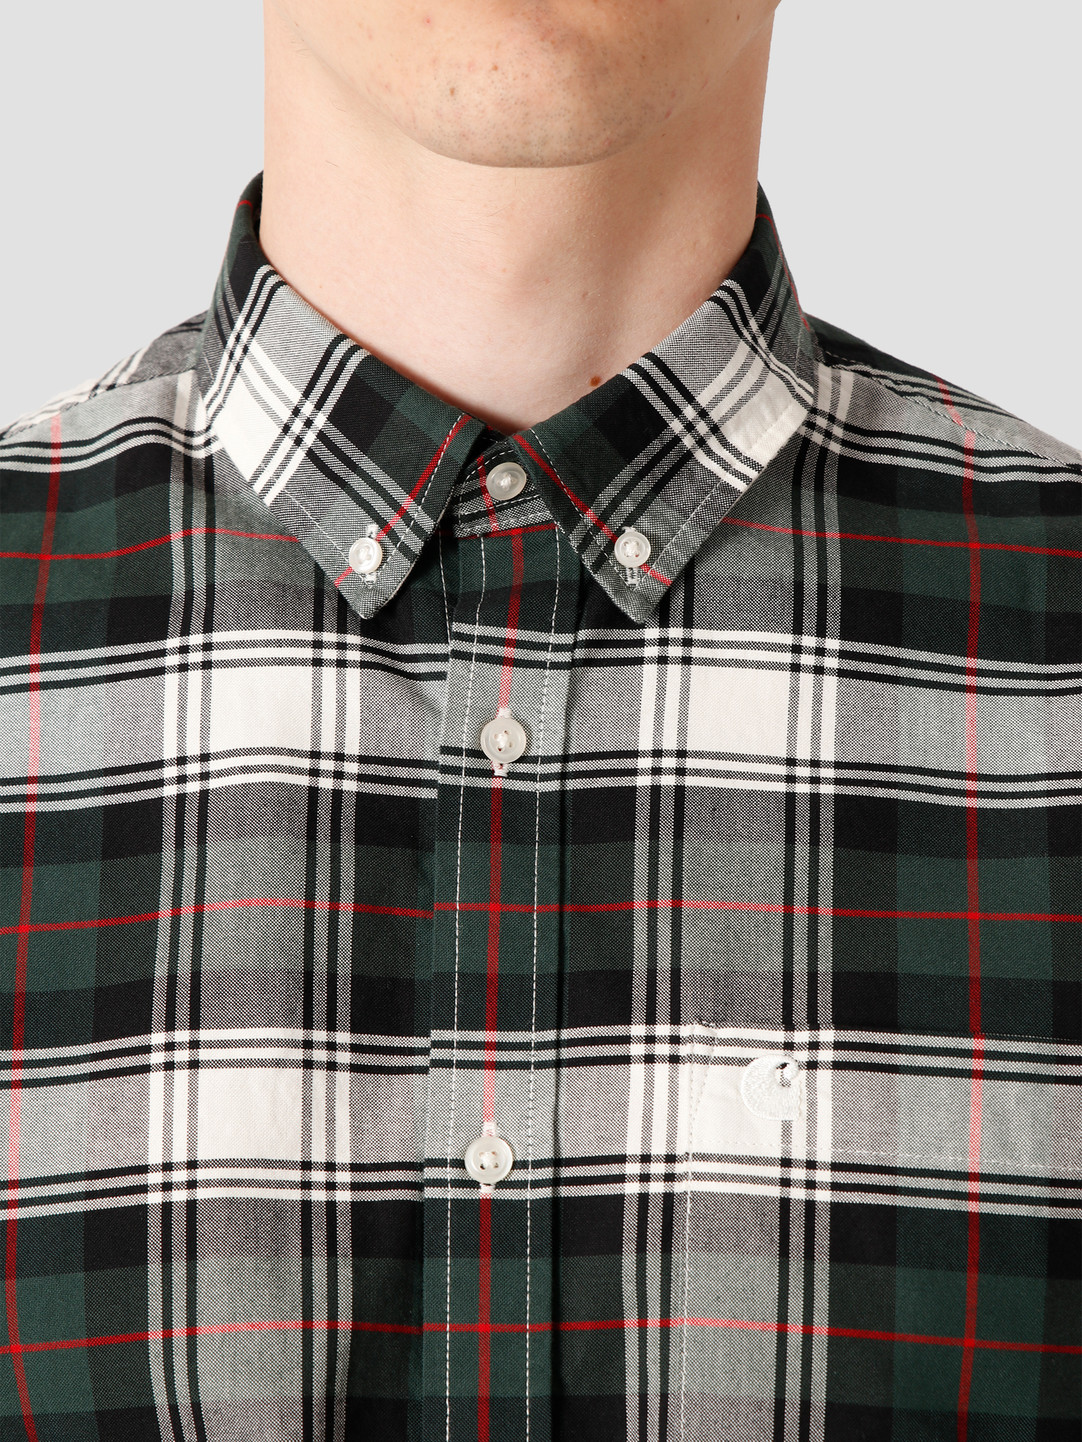 Carhartt WIP Carhartt WIP Steen Longsleeve Shirt Steen Check, Bottle Green I028227-3C90